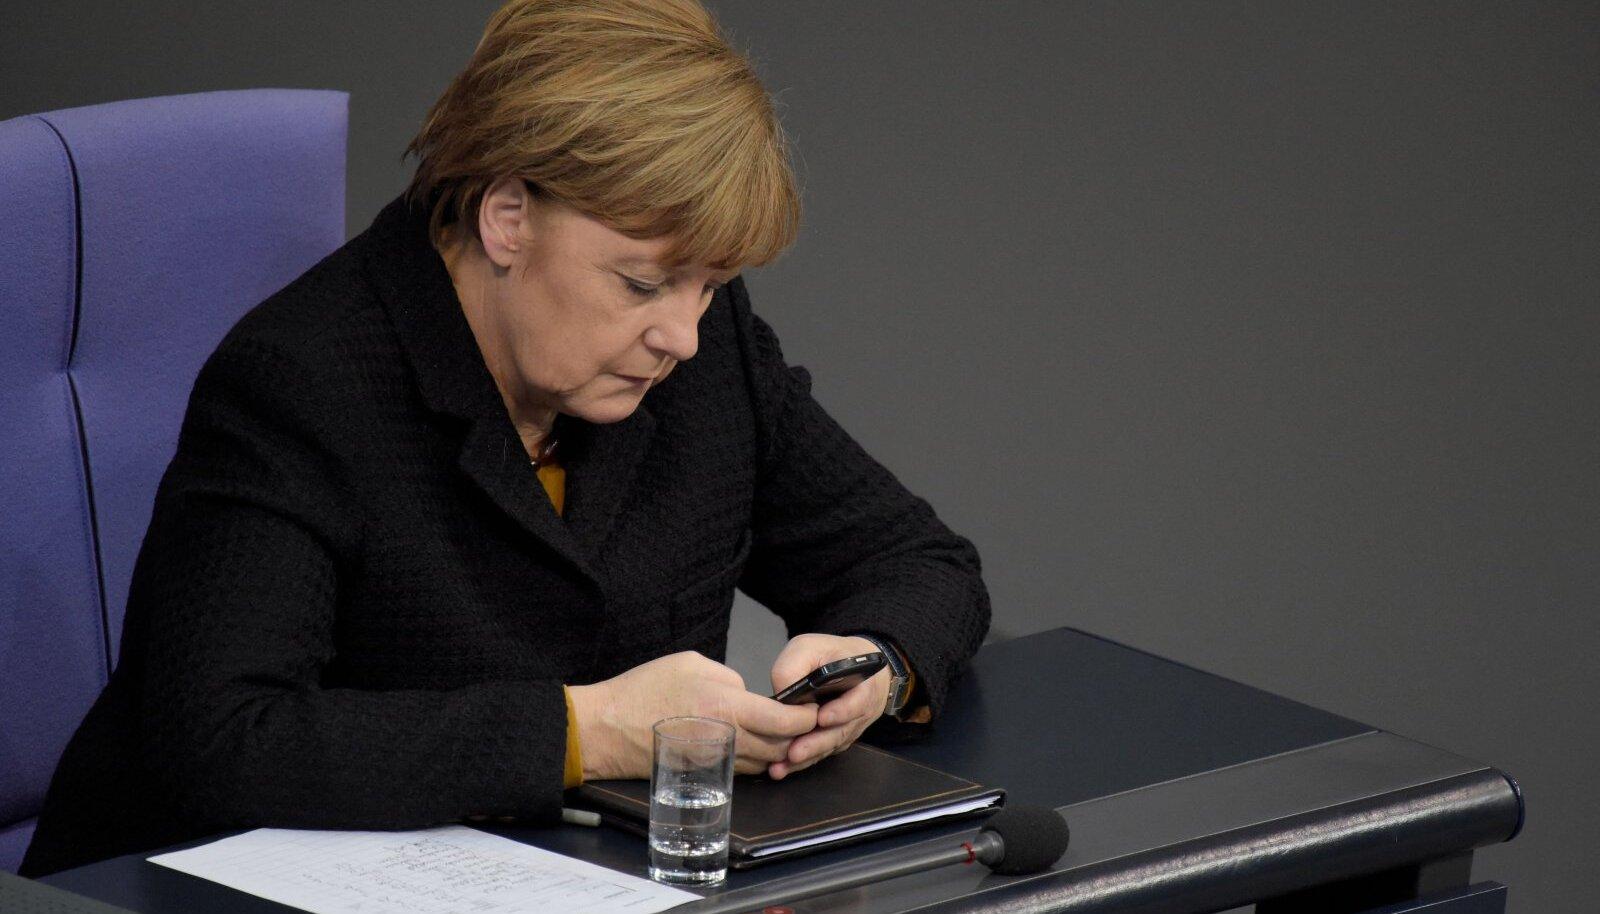 Töö käib. Angela Merkel 2015. aastal Bundestagis.